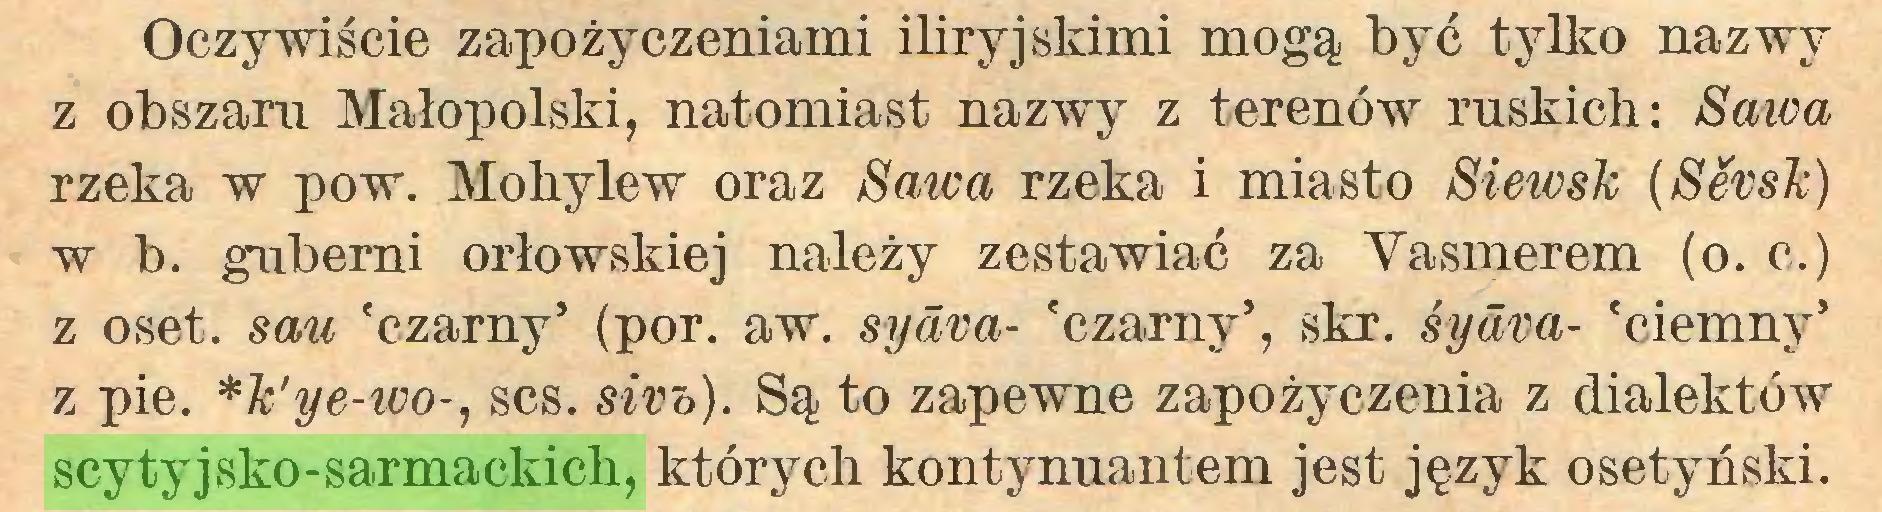 (...) Oczywiście zapożyczeniami iliryjskimi mogą być tylko nazwy z obszaru Małopolski, natomiast nazwy z terenów ruskich: Sawa rzeka w pow. Mohylew oraz Sawa rzeka i miasto Siewsk (Sévsk) w b. guberni orłowskiej należy zestawiać za Yasmerem (o. c.) z oset. sau 'czarny5 (por. aw. syäva- 'czarny5, skr. syäva- 'ciemny5 z pie. *k'ye-wo-, scs. sivb). Są to zapewne zapożyczenia z dialektów scytyjsko-sarmackich, których kontynuantem jest język osetyński...